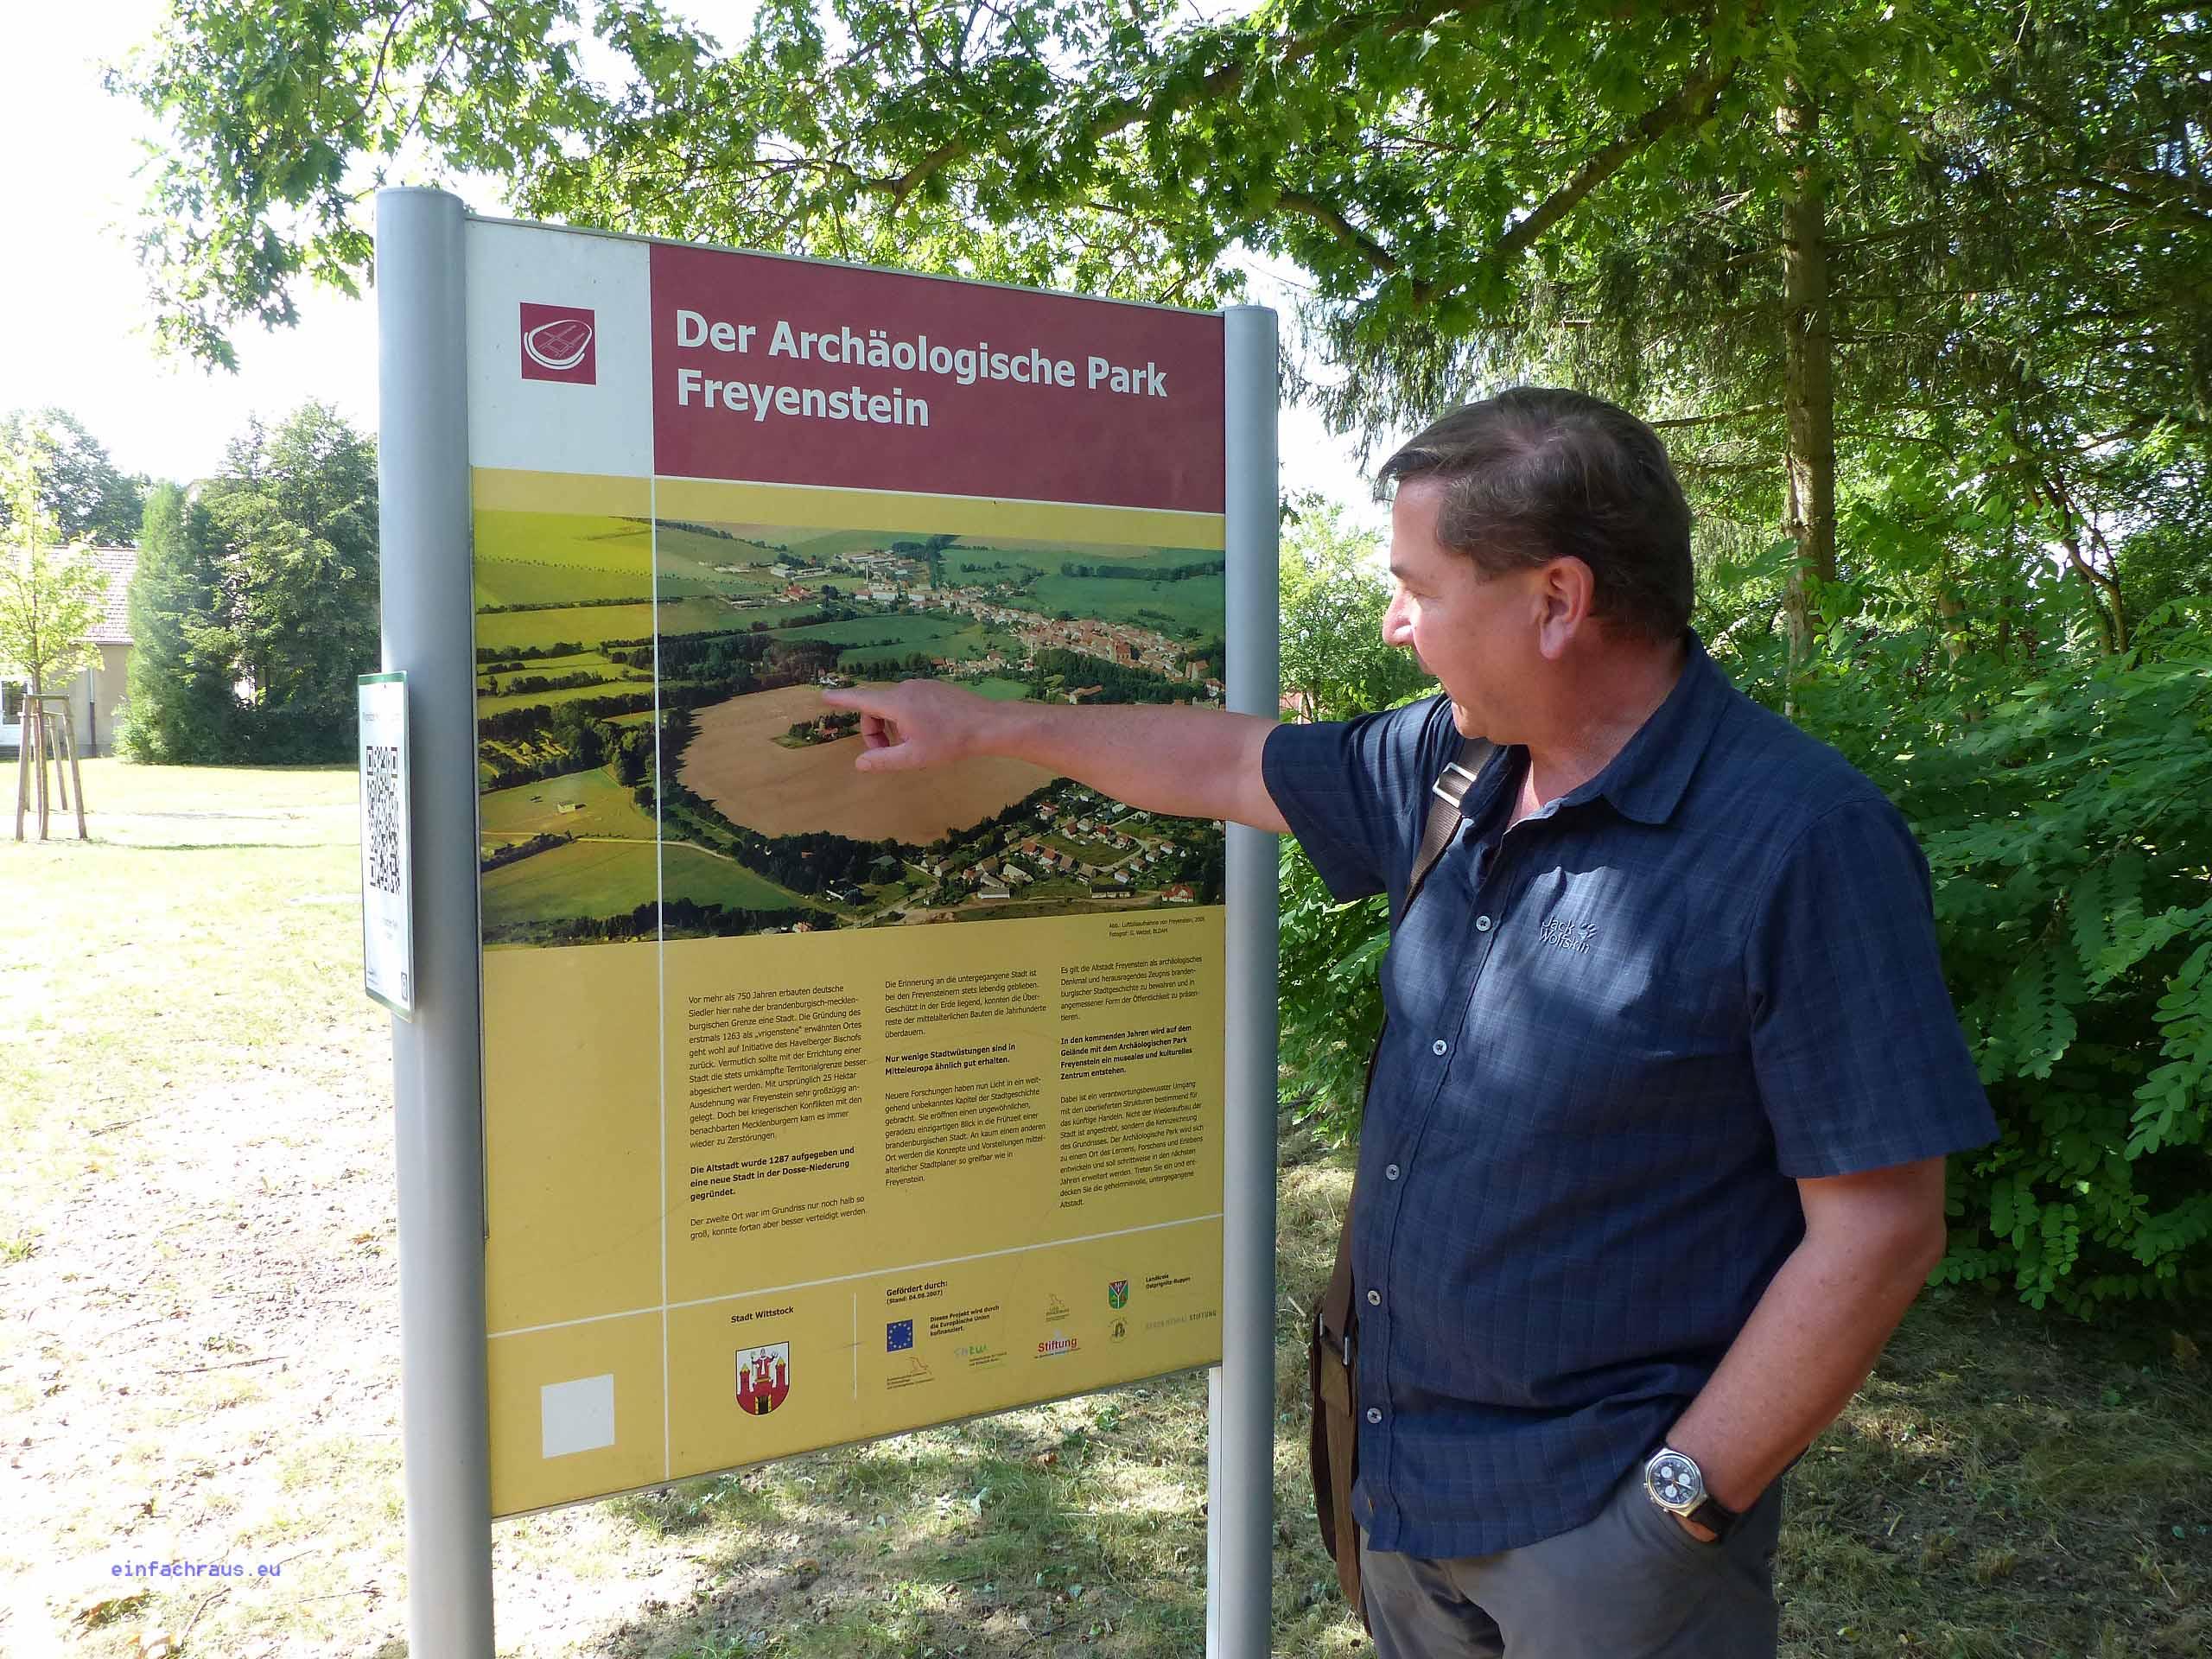 Archäologe Dr. Wacker erläutert den Archäologischen Park Freyenstein.